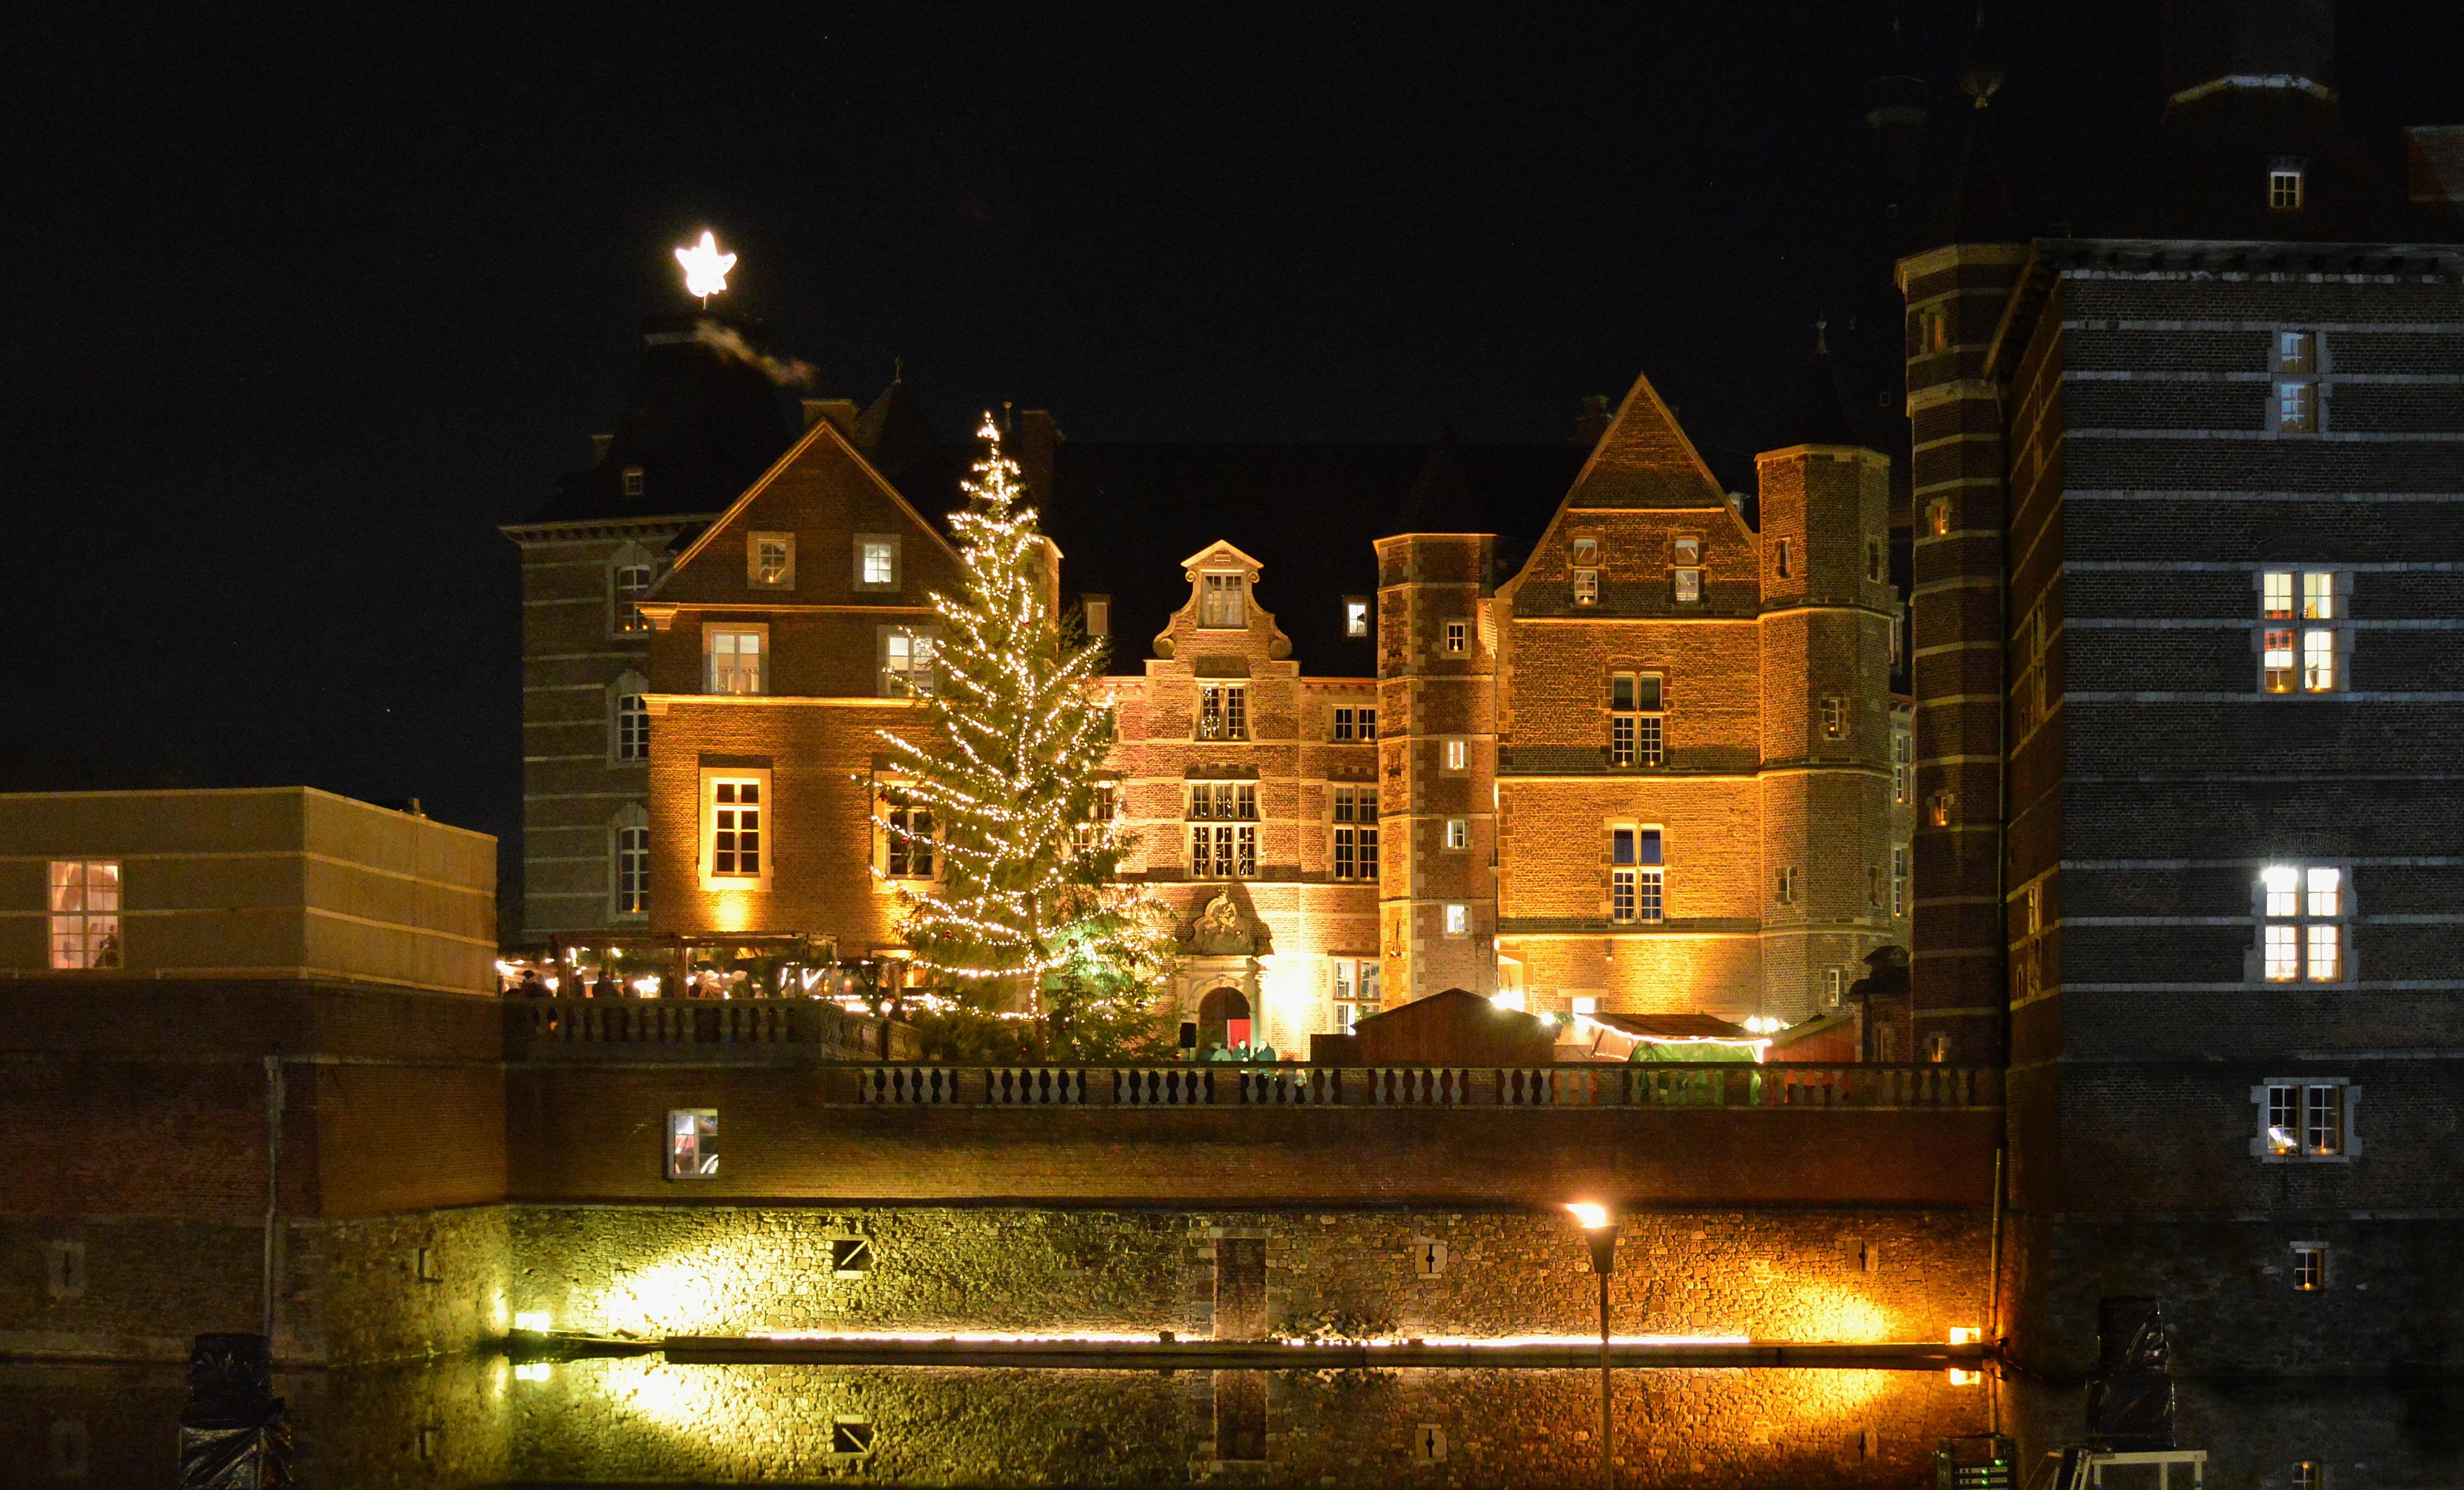 Weihnachtsmarkt Schloss Merode.Datei Schloss Merode Weihnachtsmarkt Jpg Wikipedia